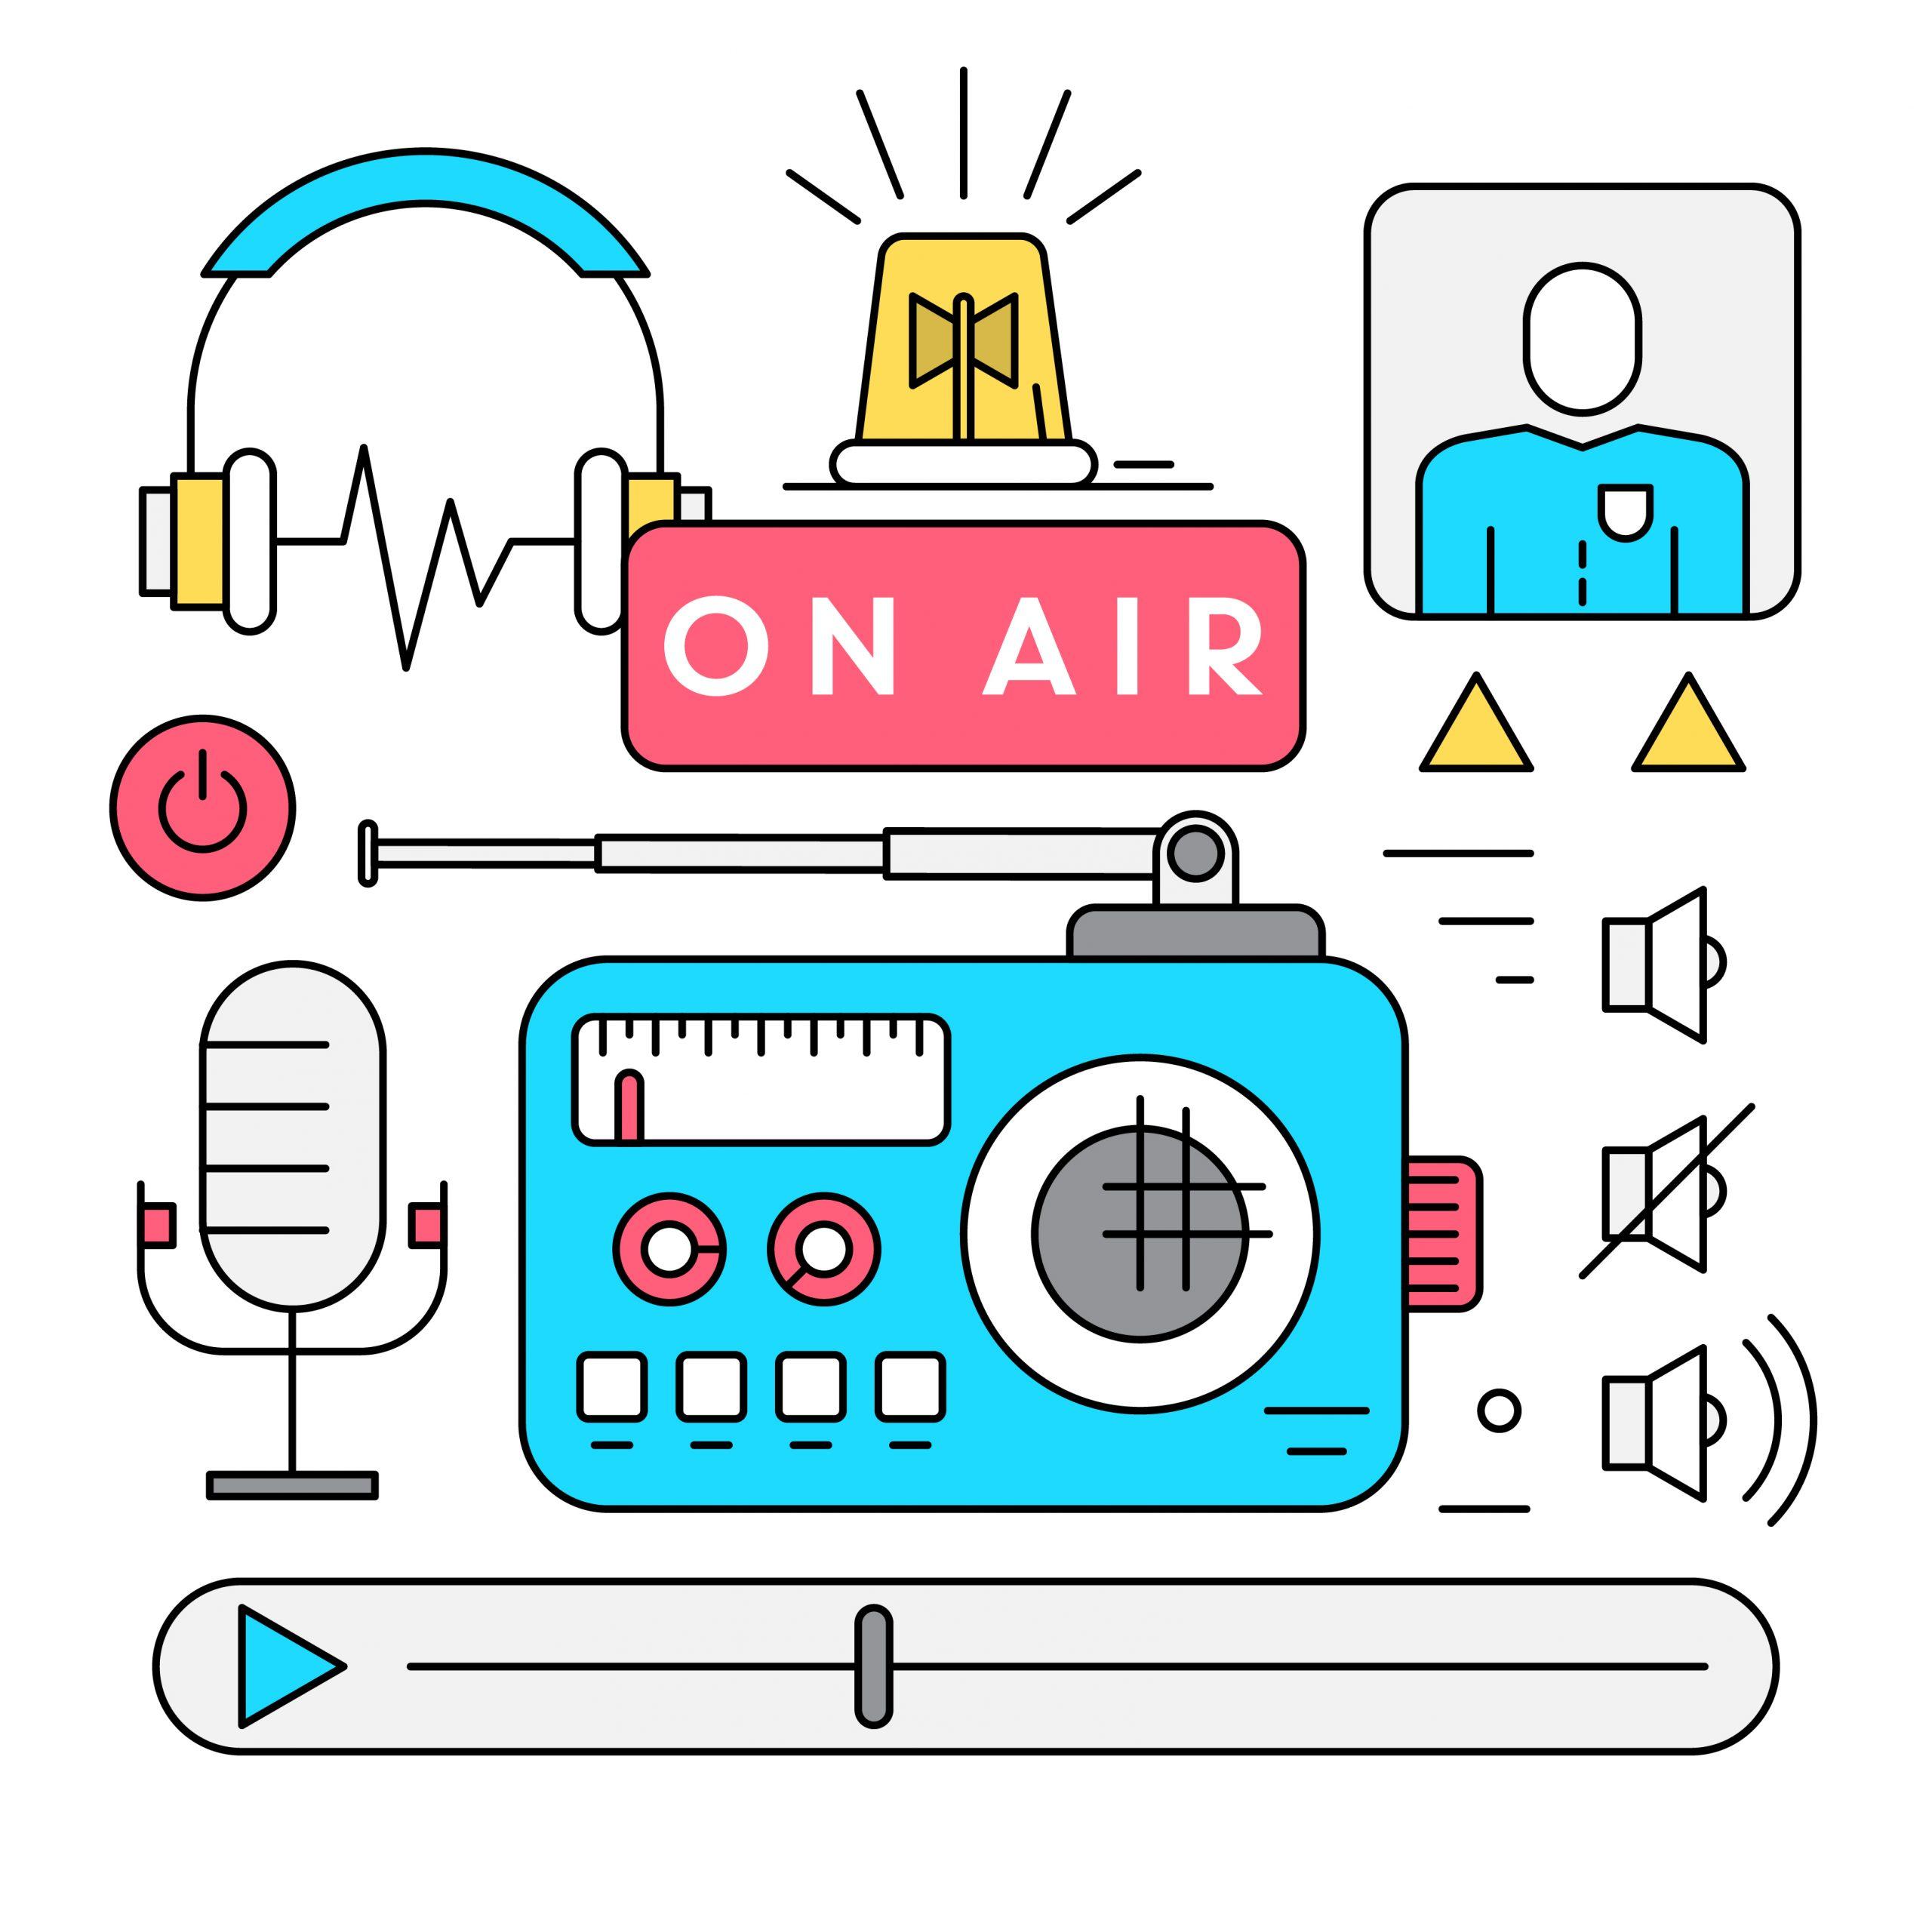 Écouter l'émission de radio Séminaire #3